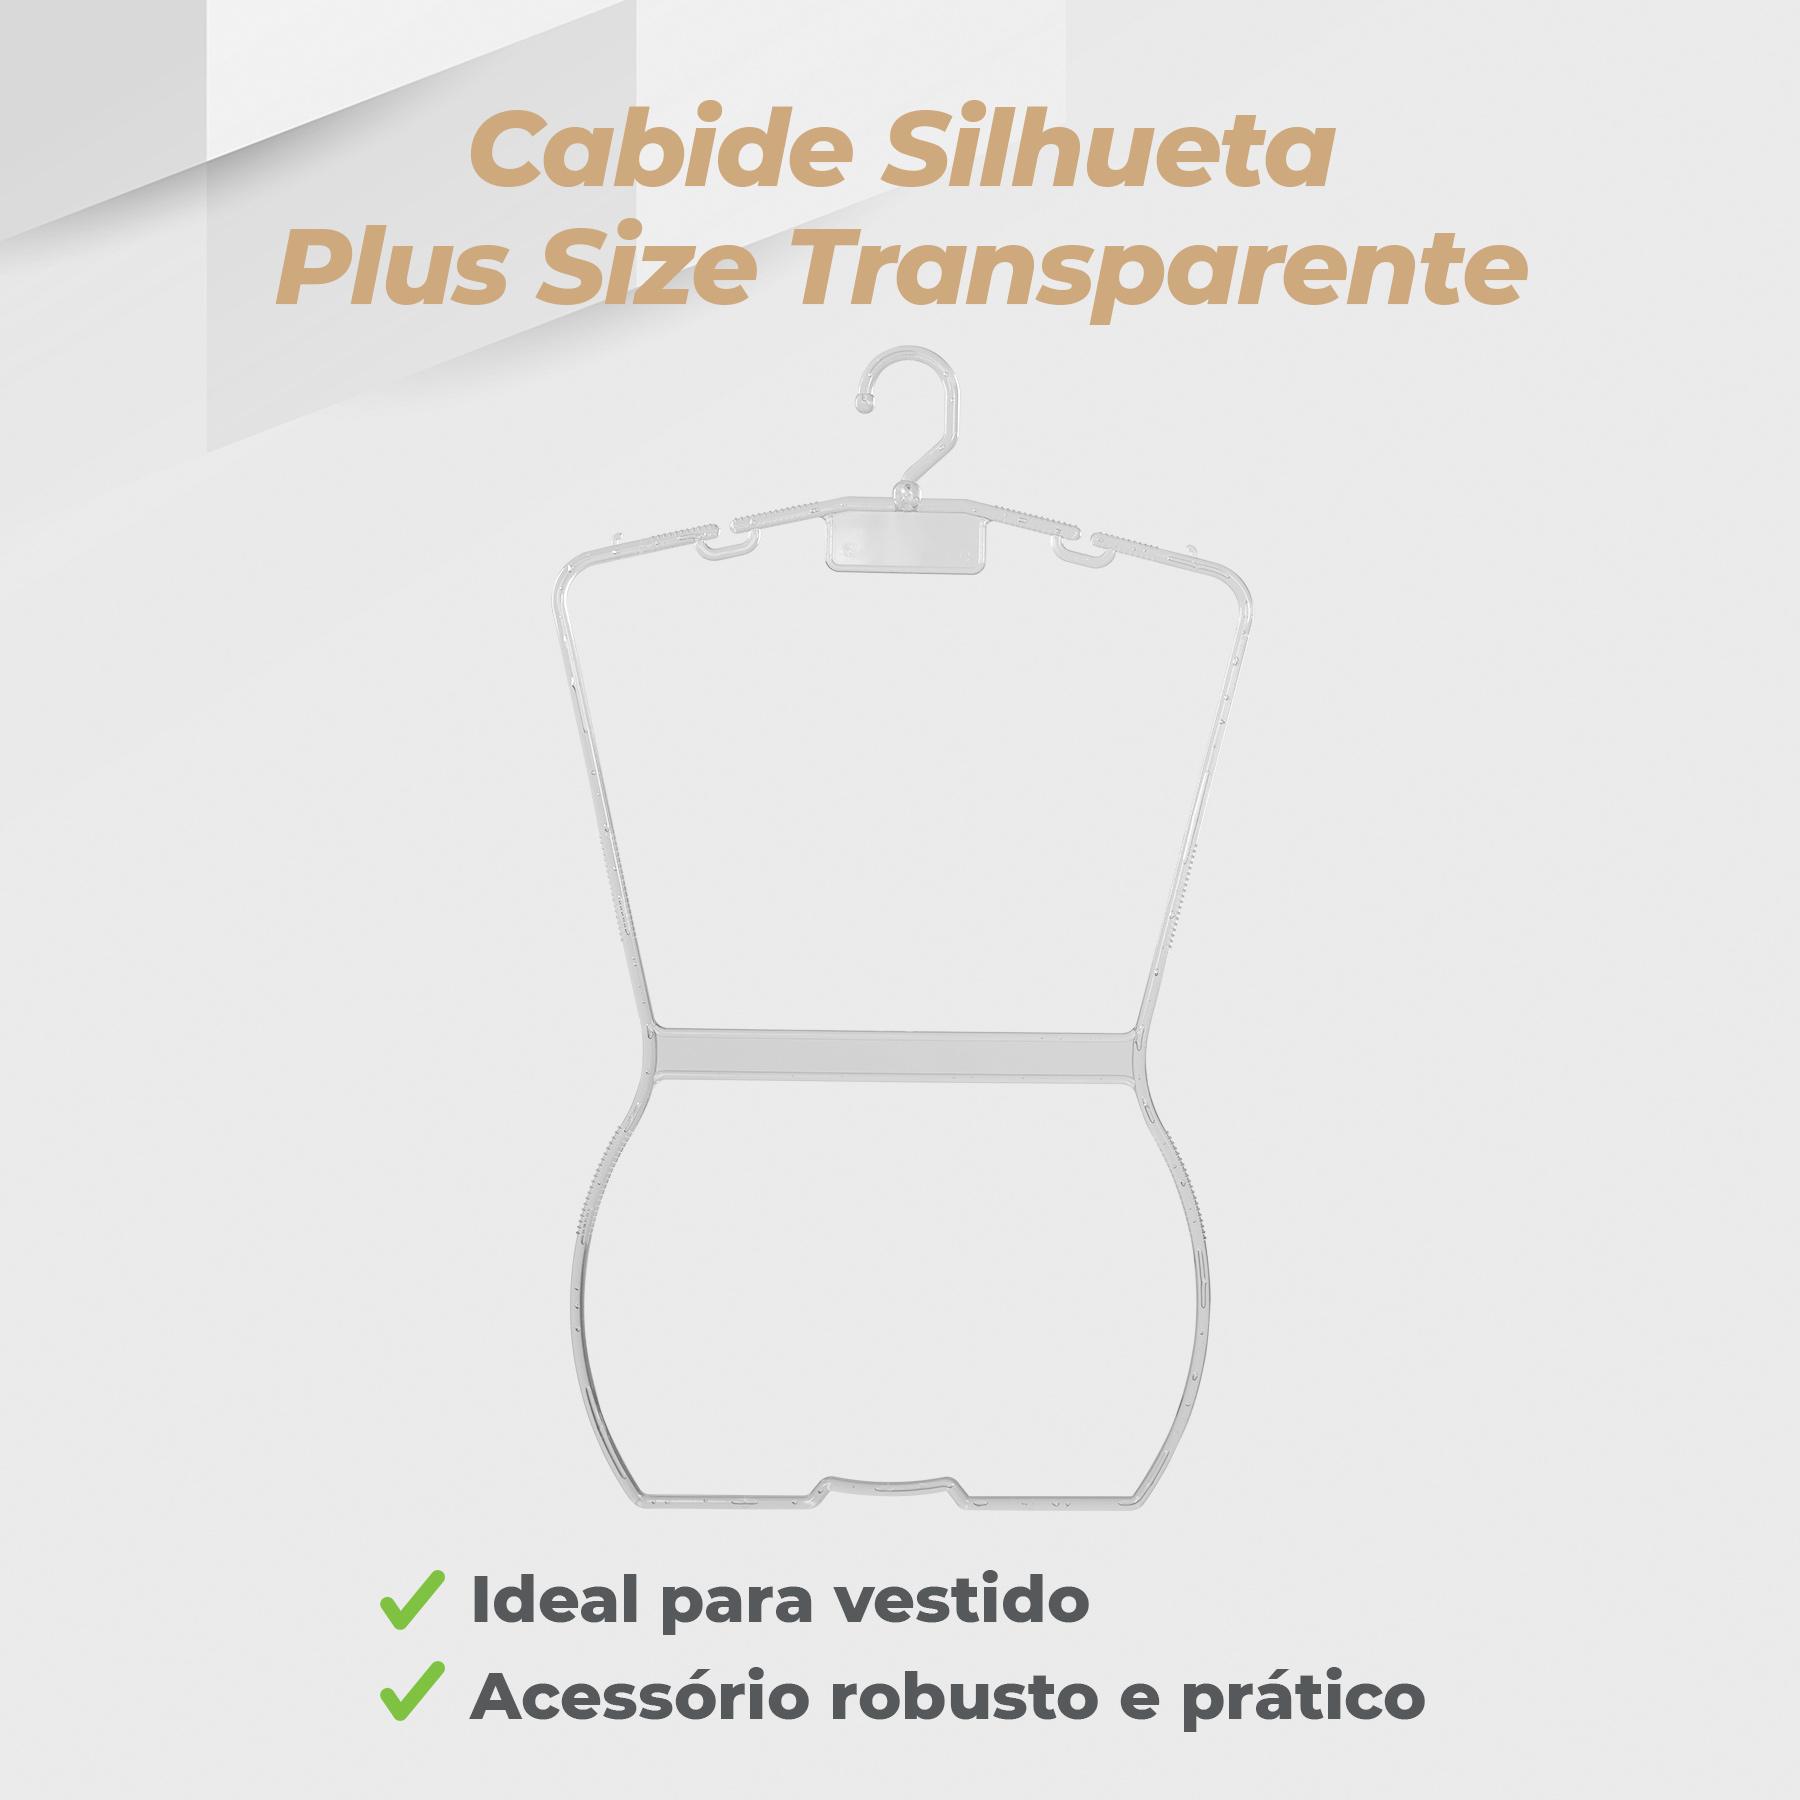 Kit Cabide Silhueta Plus Size Transparente - 10 Unidades